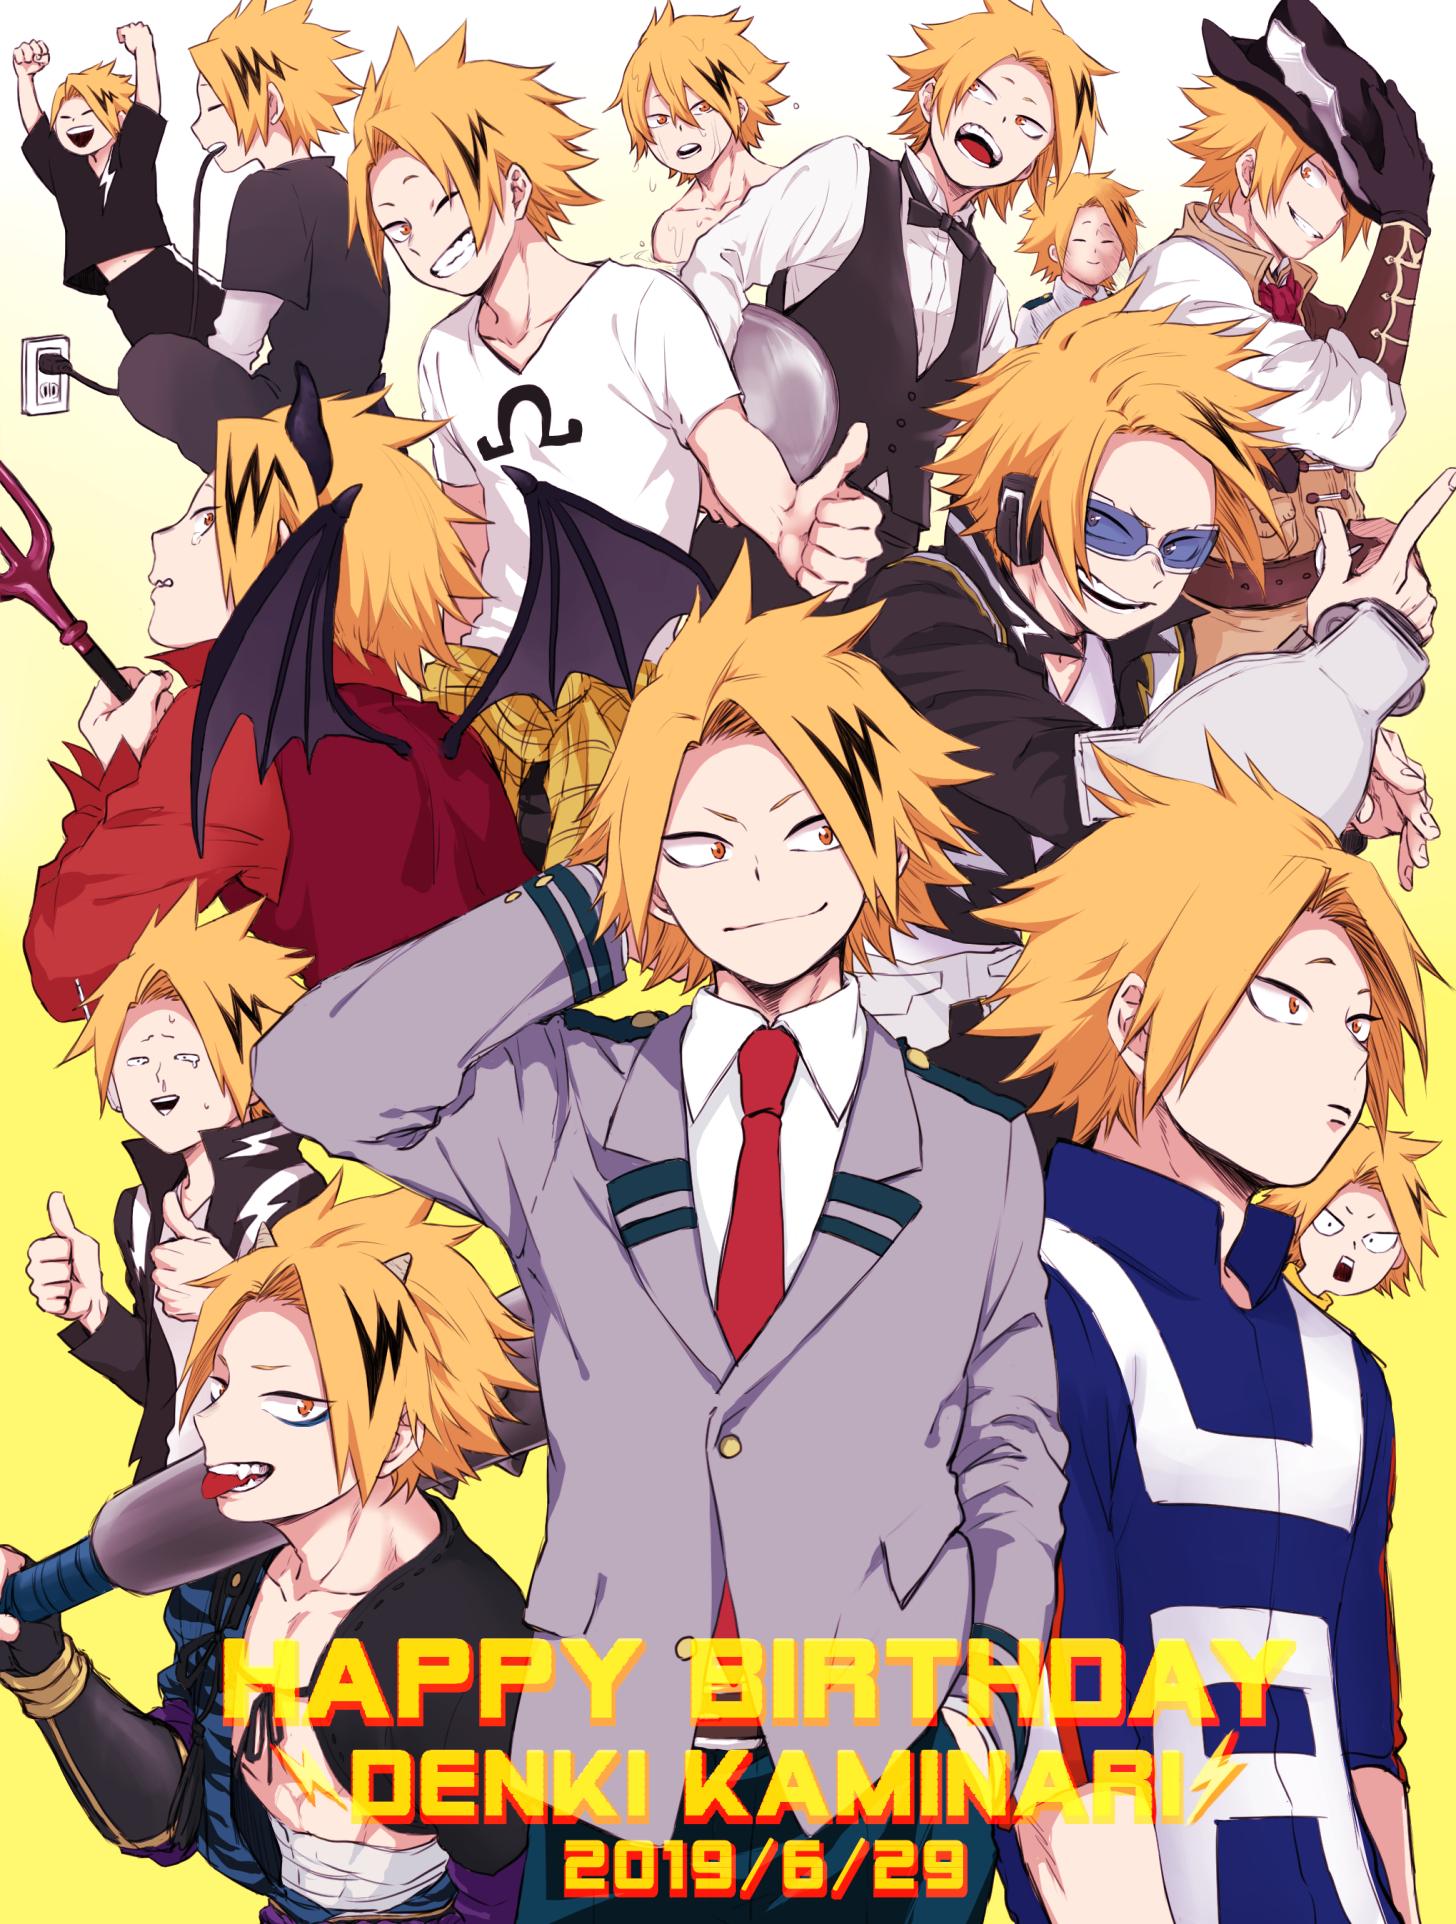 Kaminari Denki Boku No Hero Academia Page 4 Of 8